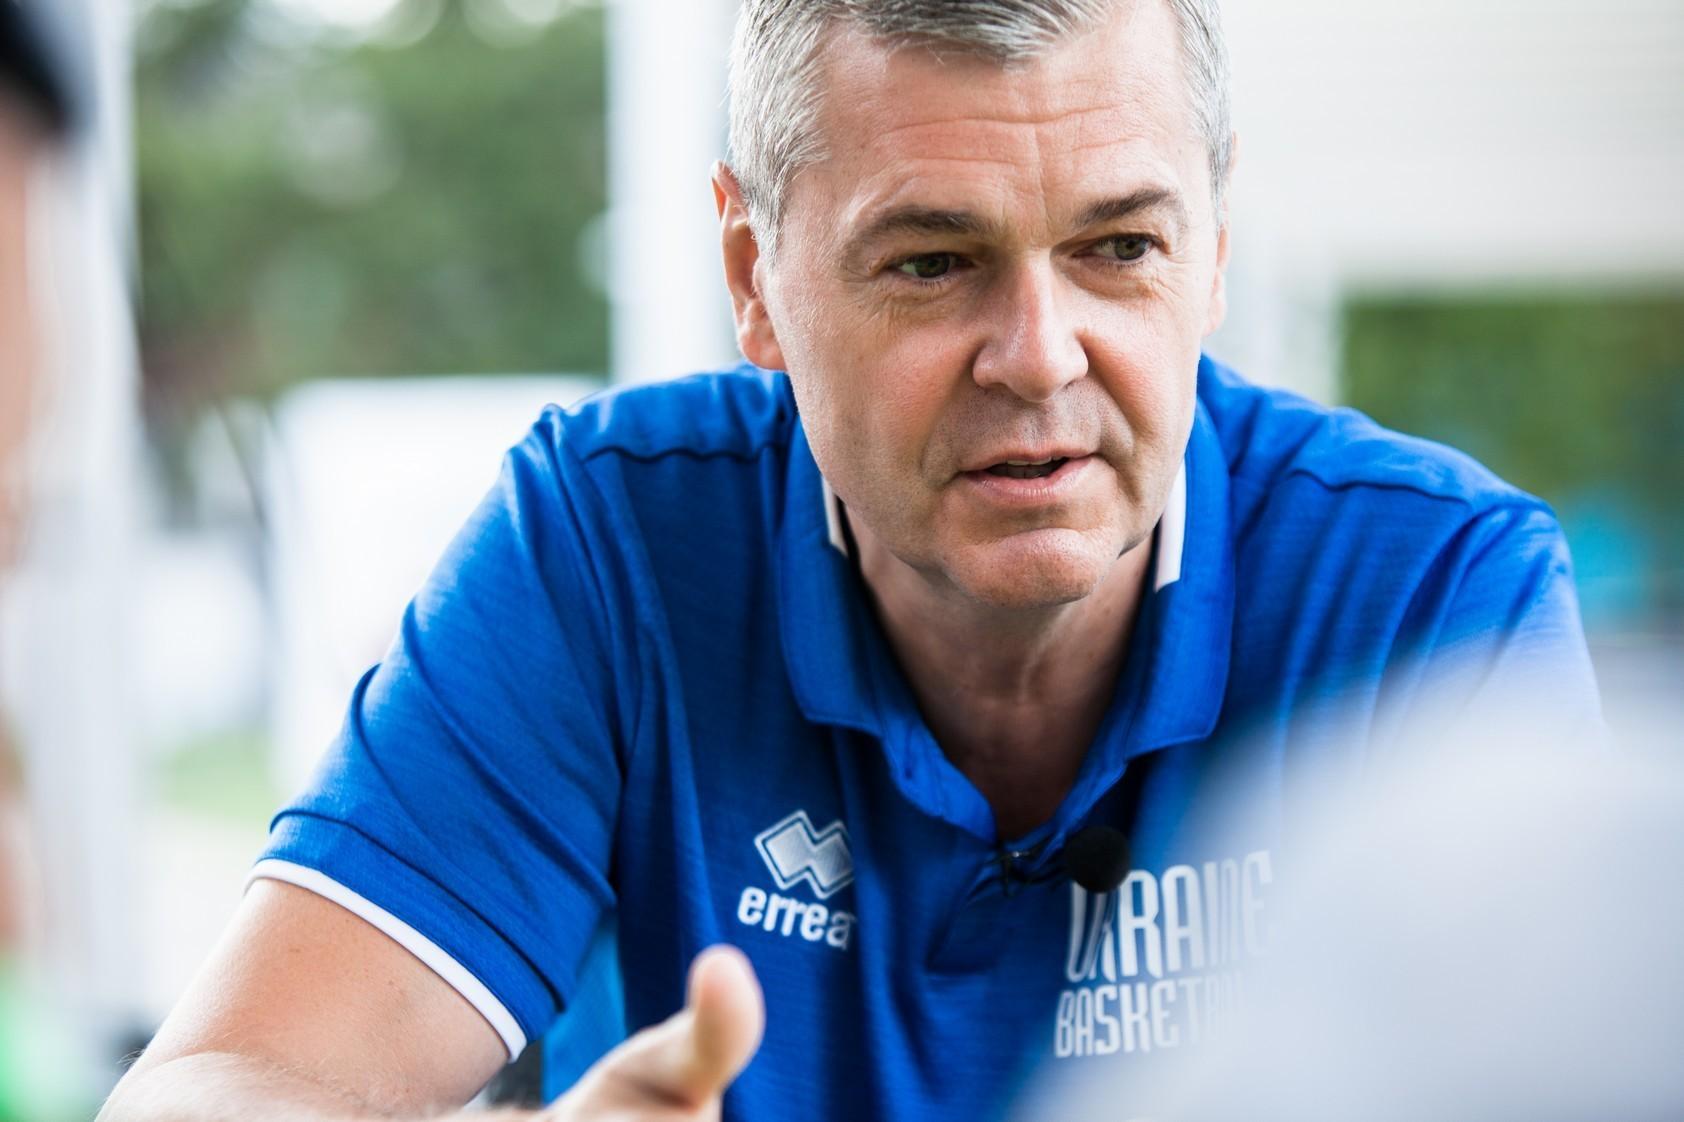 Айнарс Багатскіс: спілкування у збірній команді забагато не буває